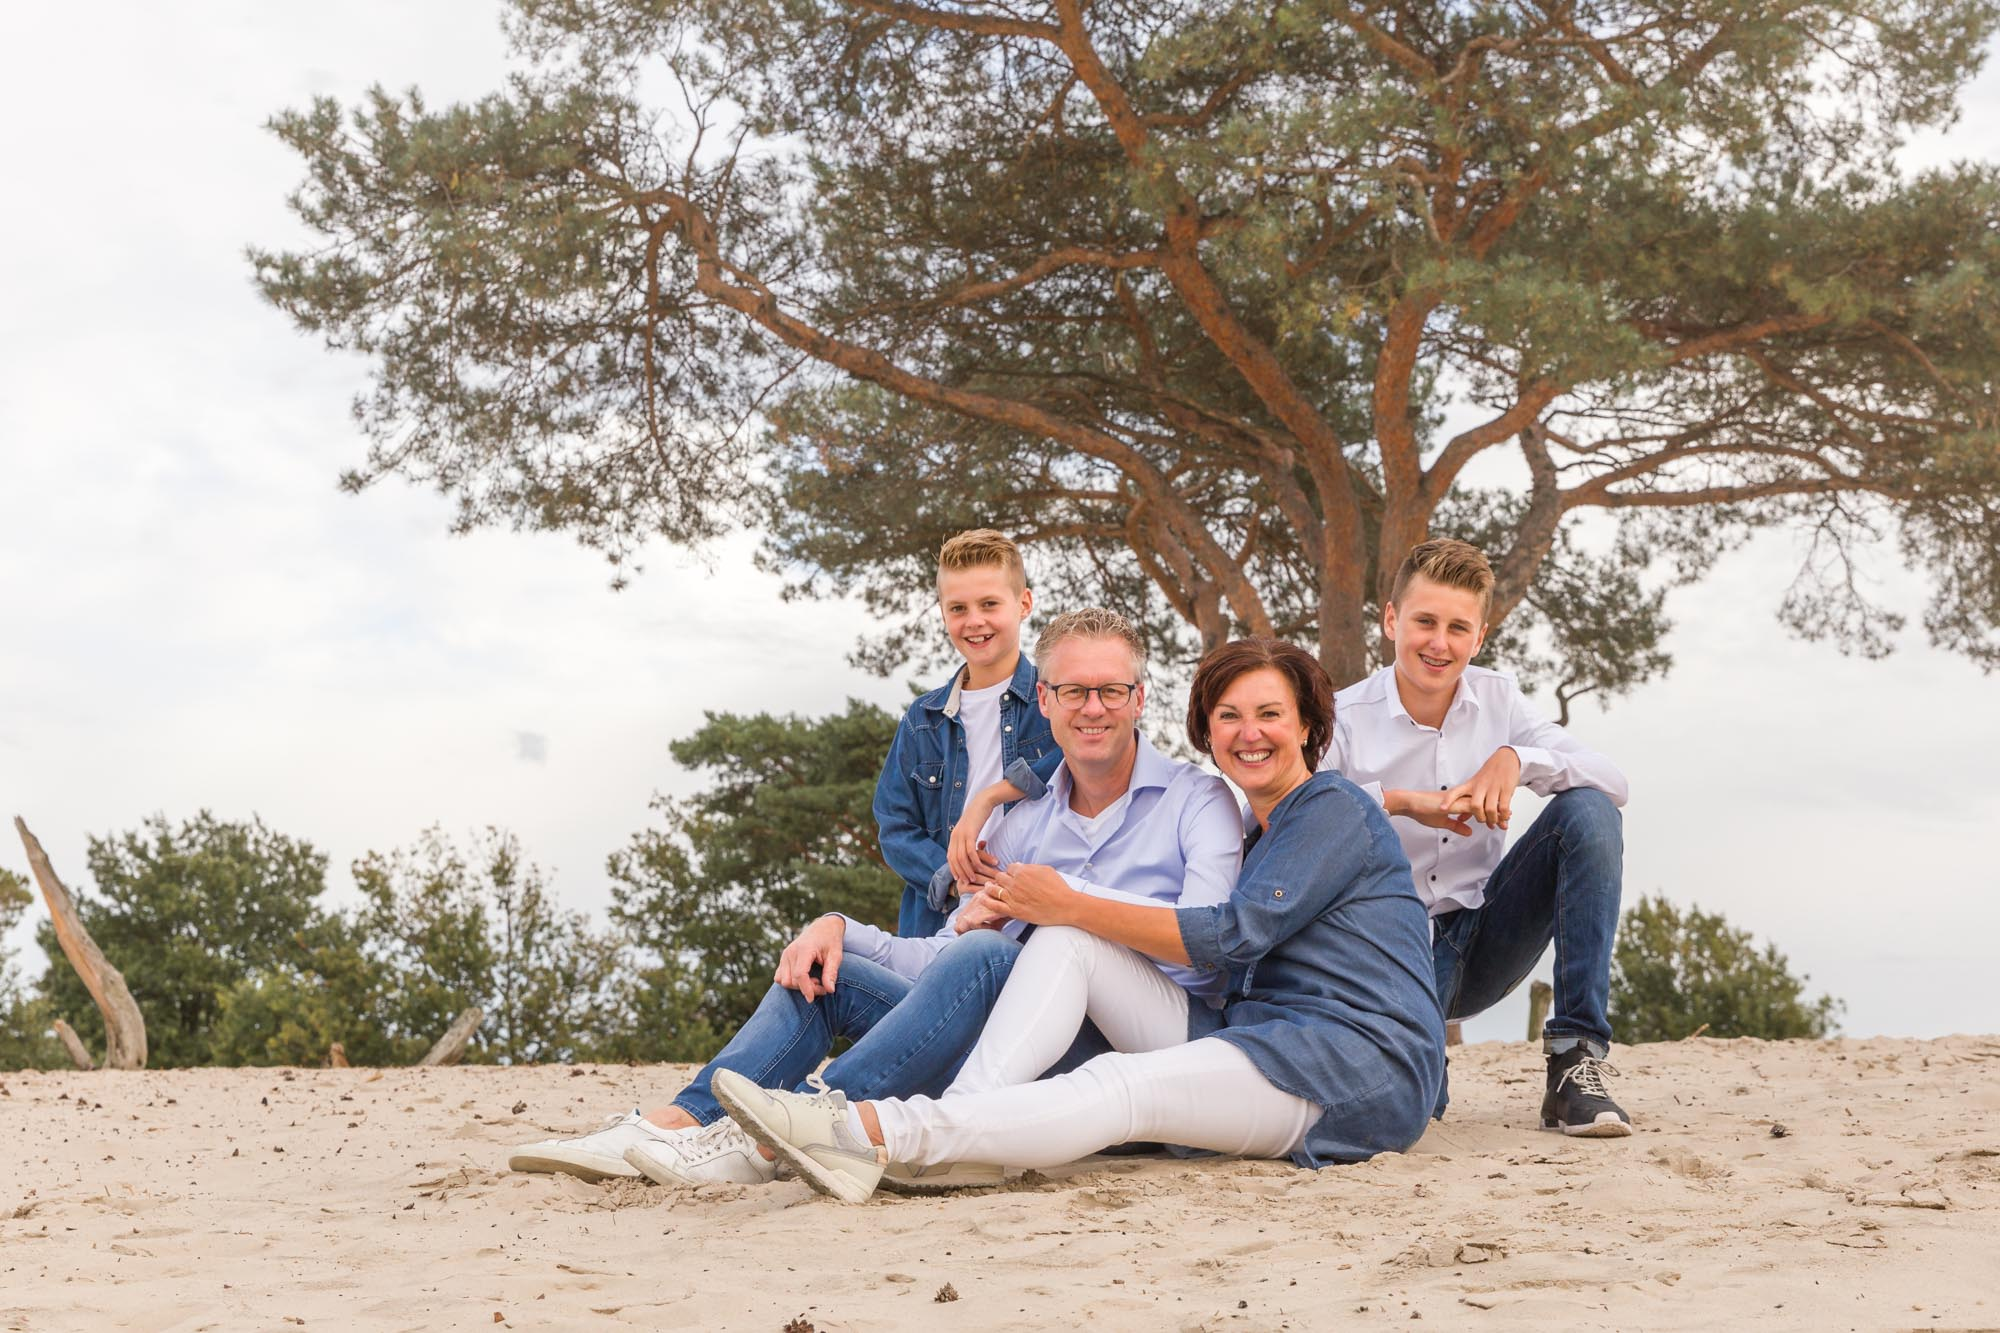 foto van zittend gezin met 2 zonen op zandvlakte door mayrafotografie